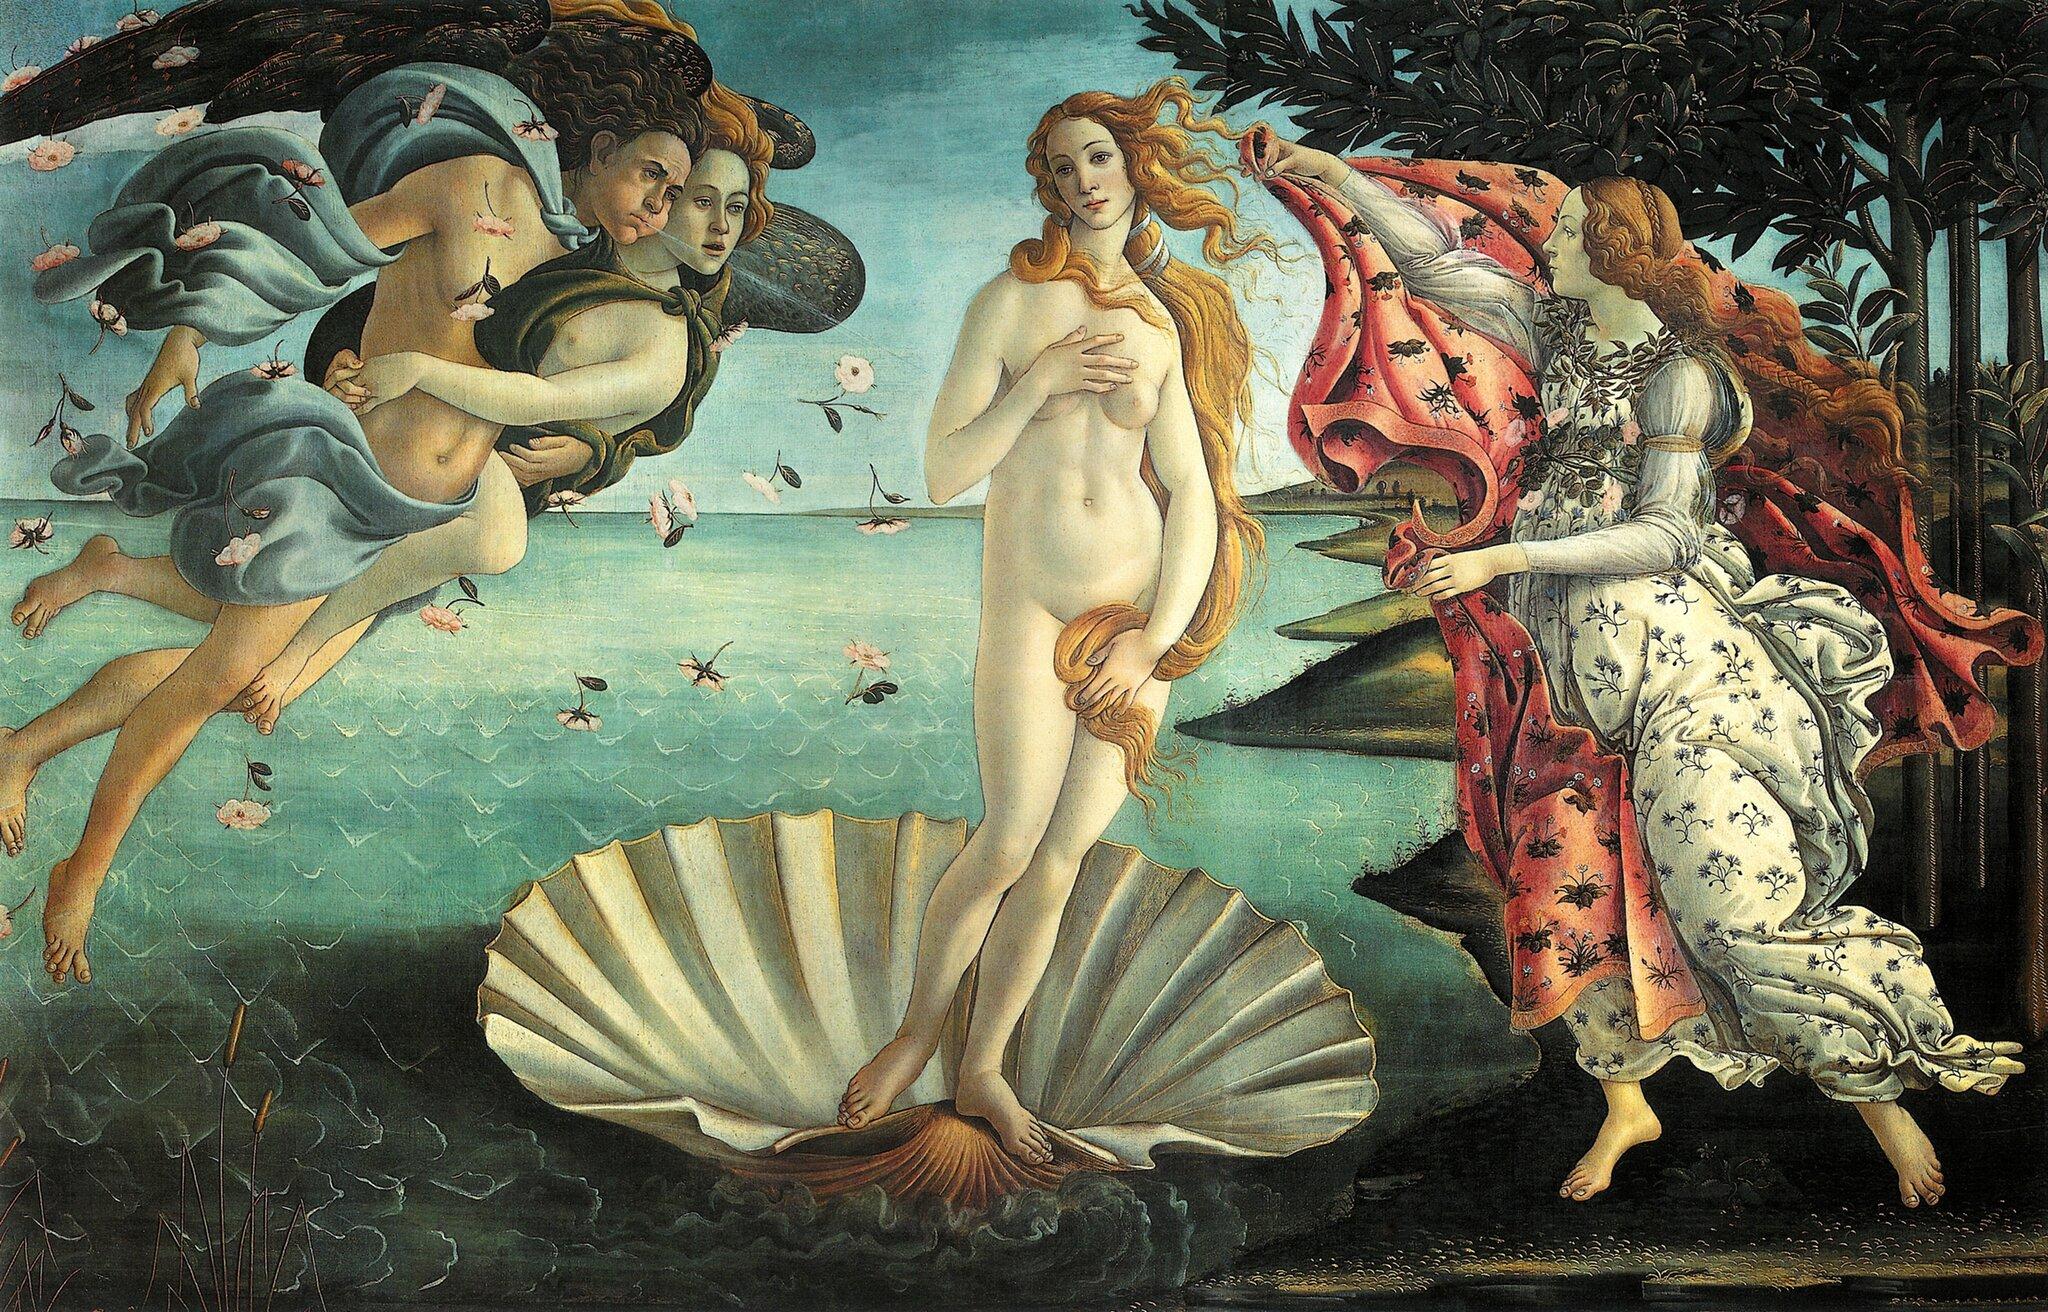 Narodziny Wenus Źródło: Sandro Botticelii, Narodziny Wenus, ok. 1482-1485, tempera na płótnie, Galleria degli Uffizi, Florencja, domena publiczna.